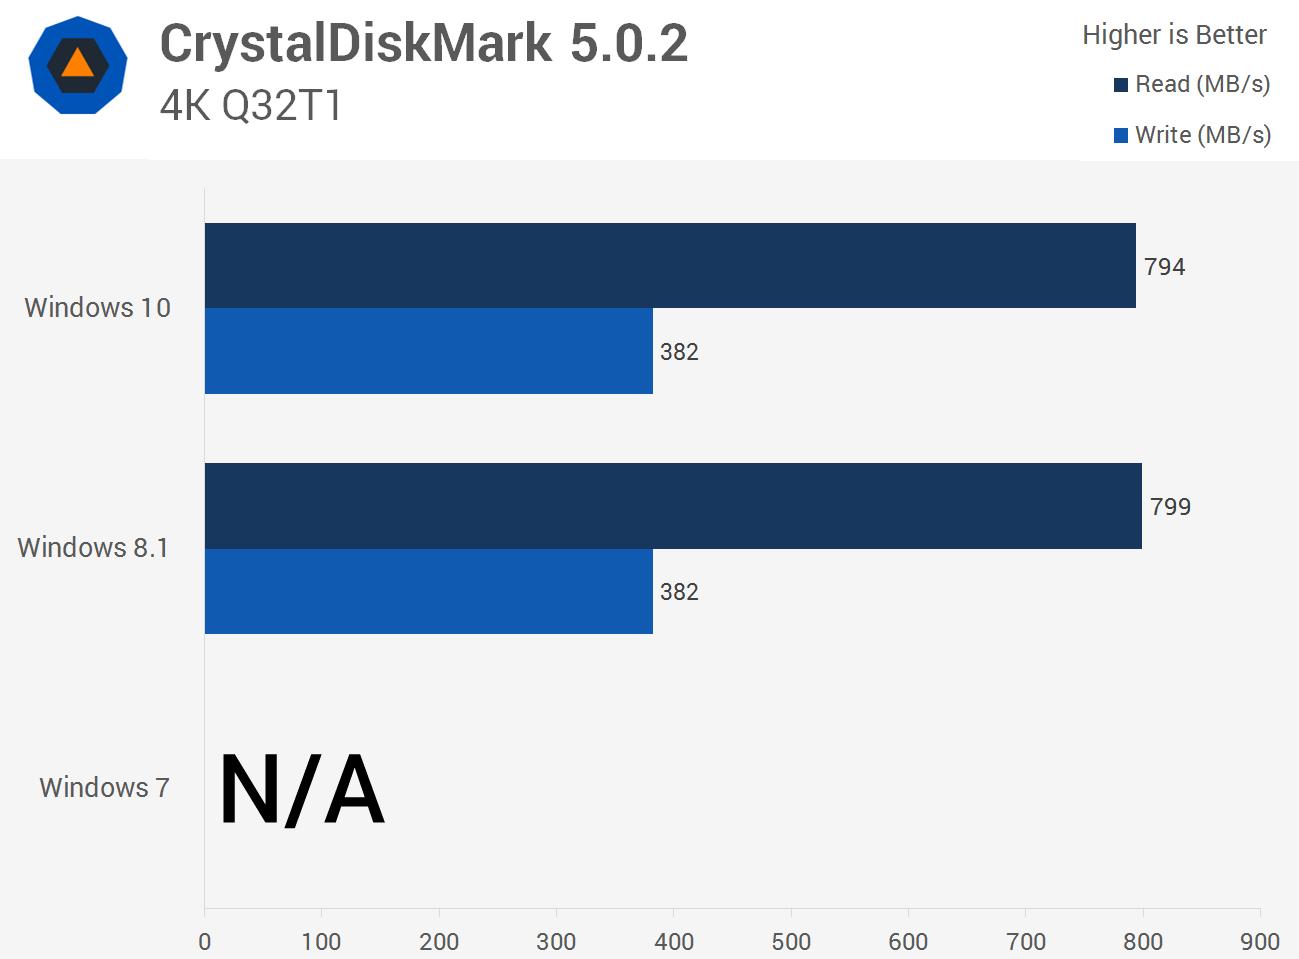 خواندن و نوشتن تصادفی بستههای 4 کیلوبایتی و عملکرد ویندوز 10، ویندوز 8.1 و ویندوز 7